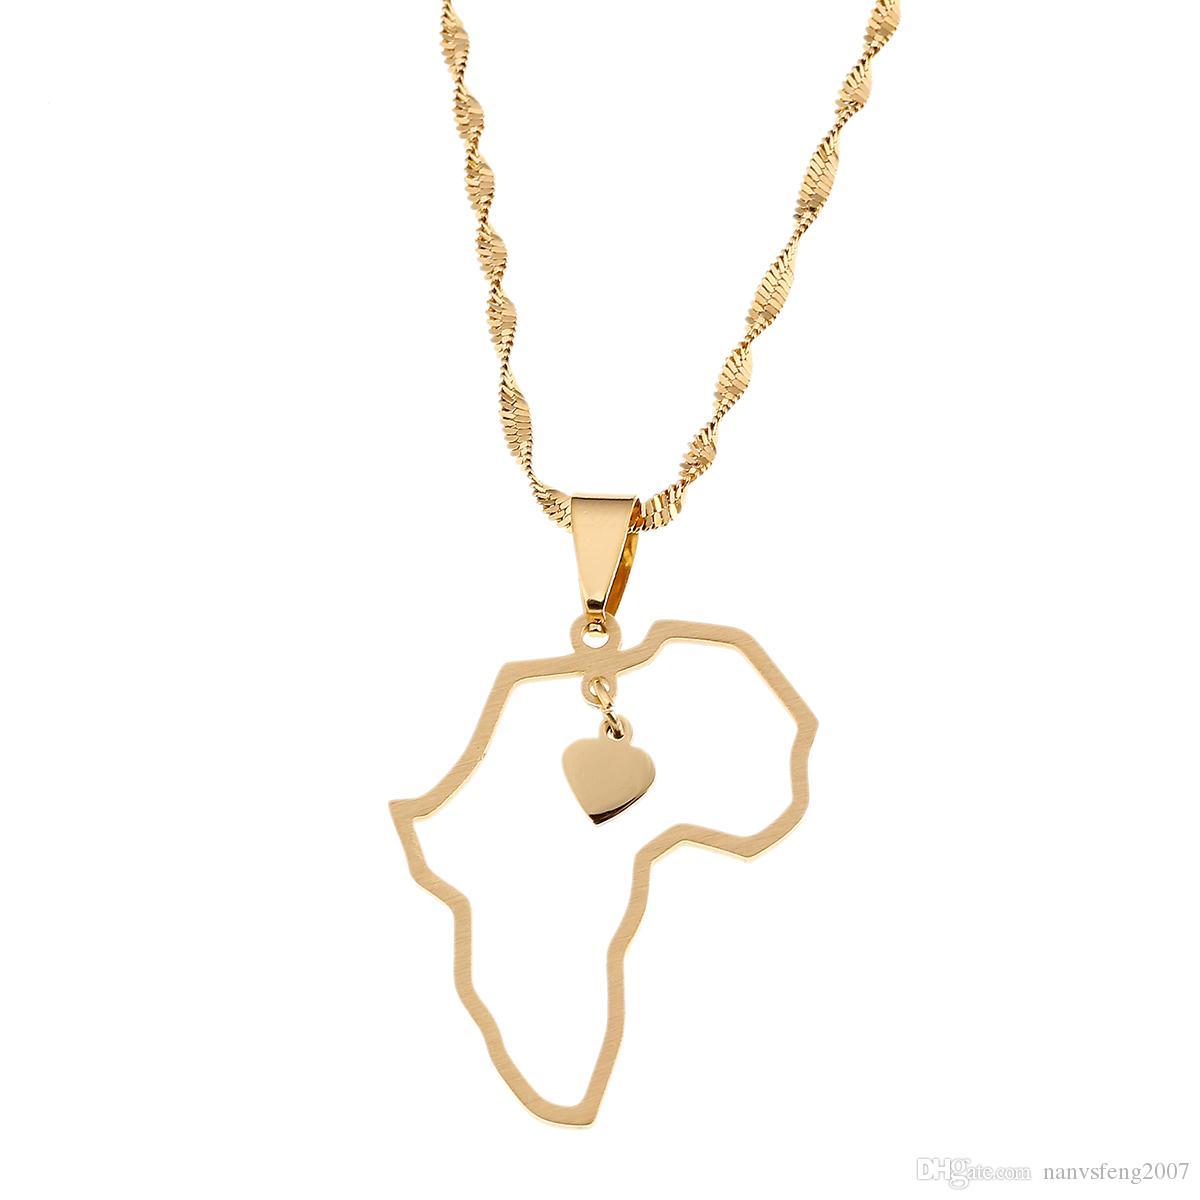 488bcf18faa2 Compre Chapado En Oro De Acero Inoxidable Mapa Africano Collar Colgante  Joyería Encanto Del Corazón Mapa De África Continente Joyas A  5.02 Del ...